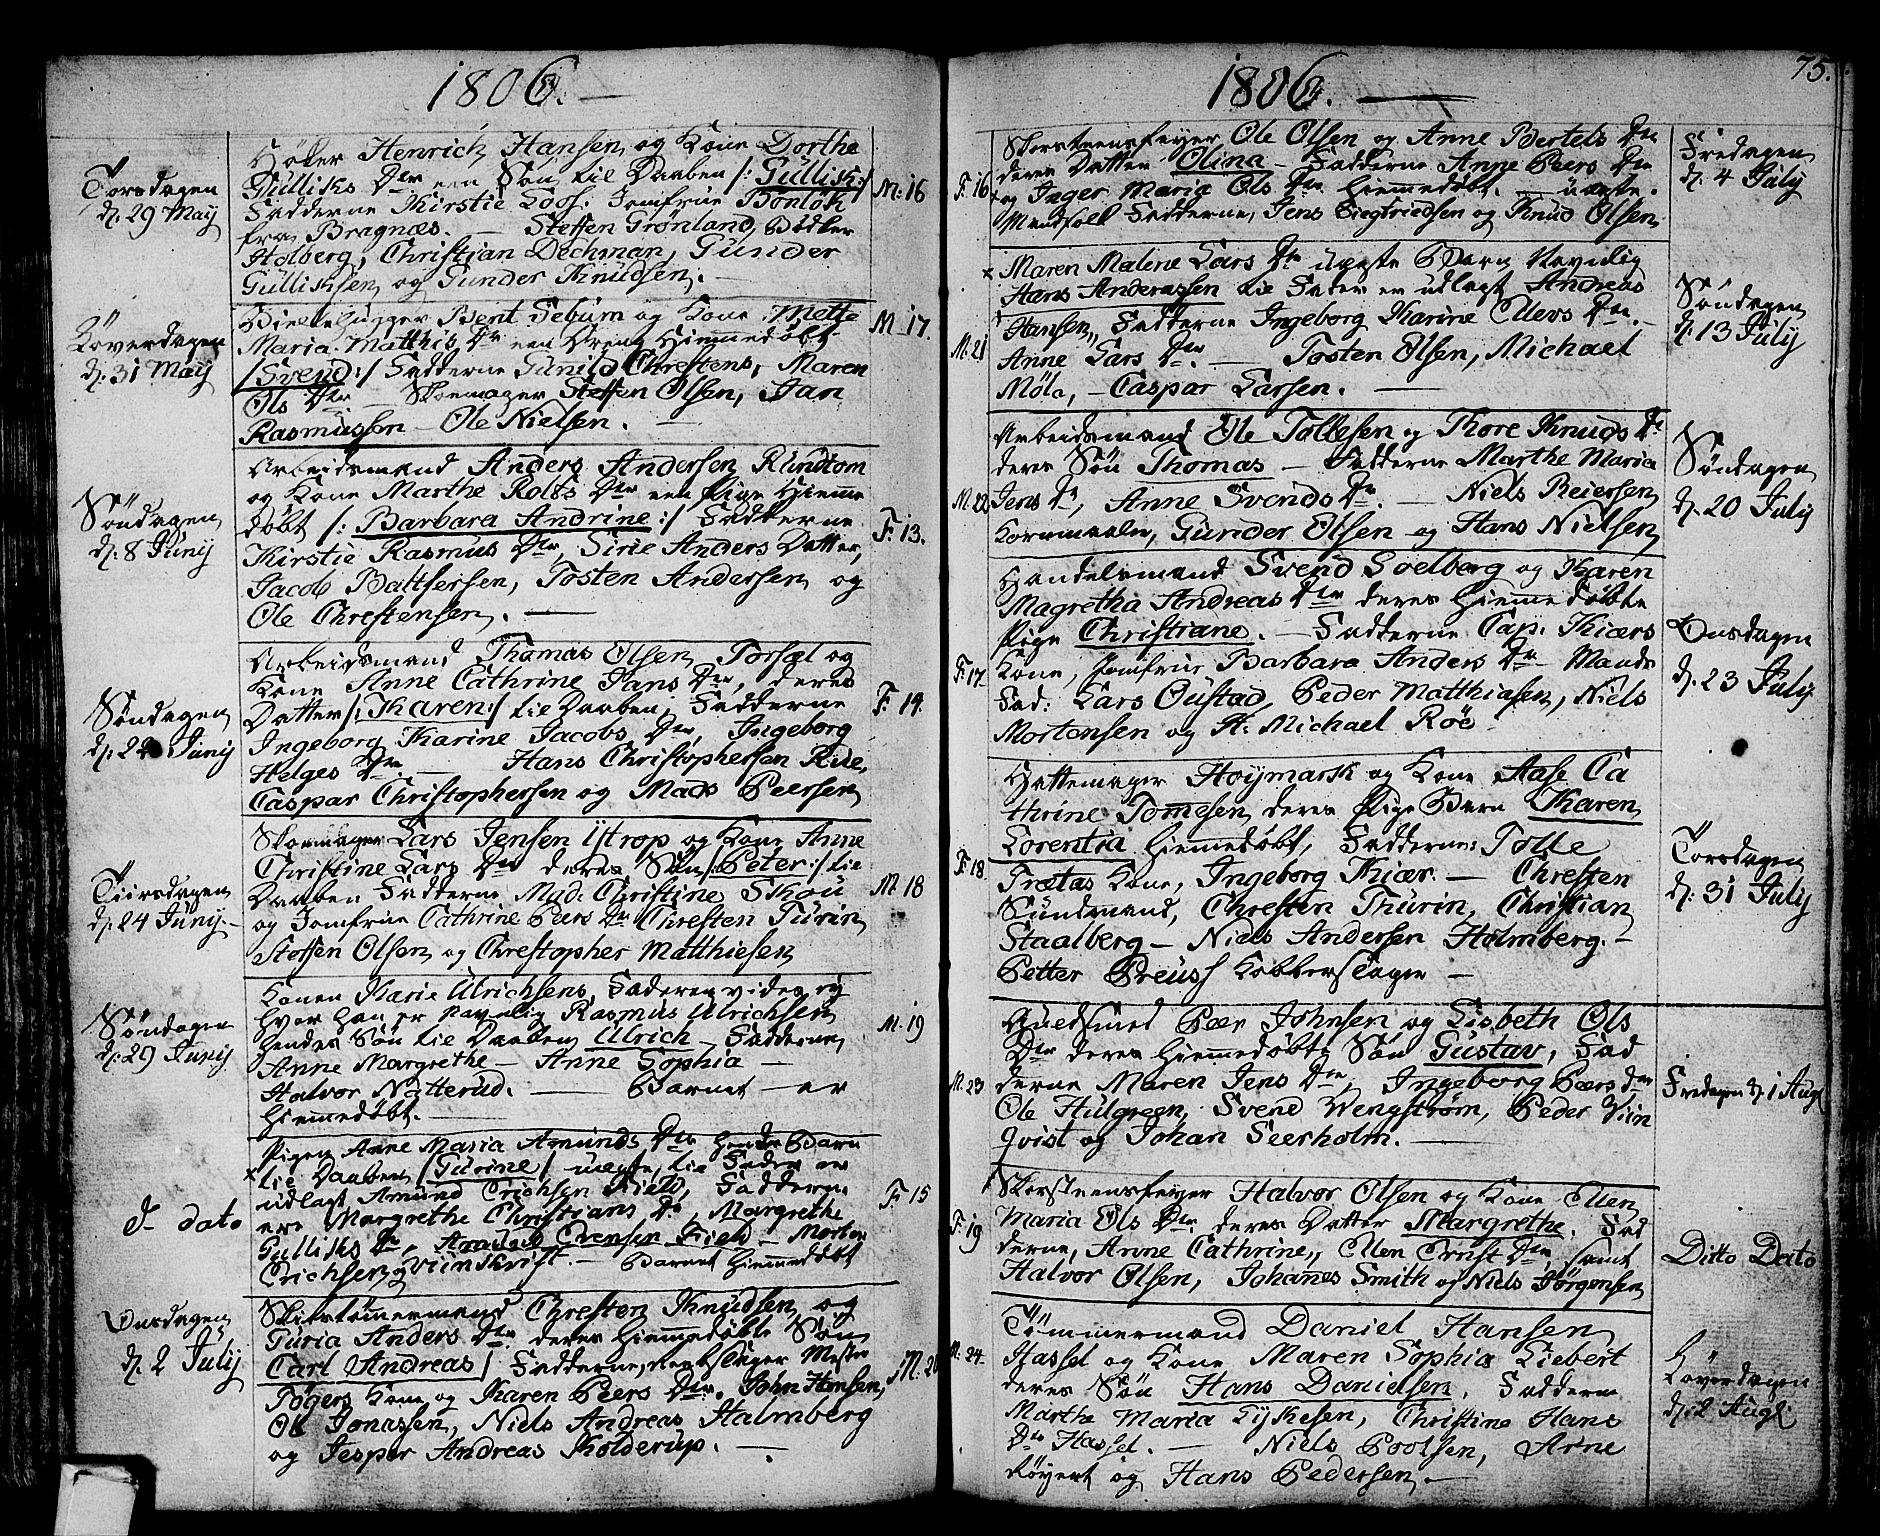 SAKO, Strømsø kirkebøker, F/Fa/L0010: Ministerialbok nr. I 10, 1792-1822, s. 75